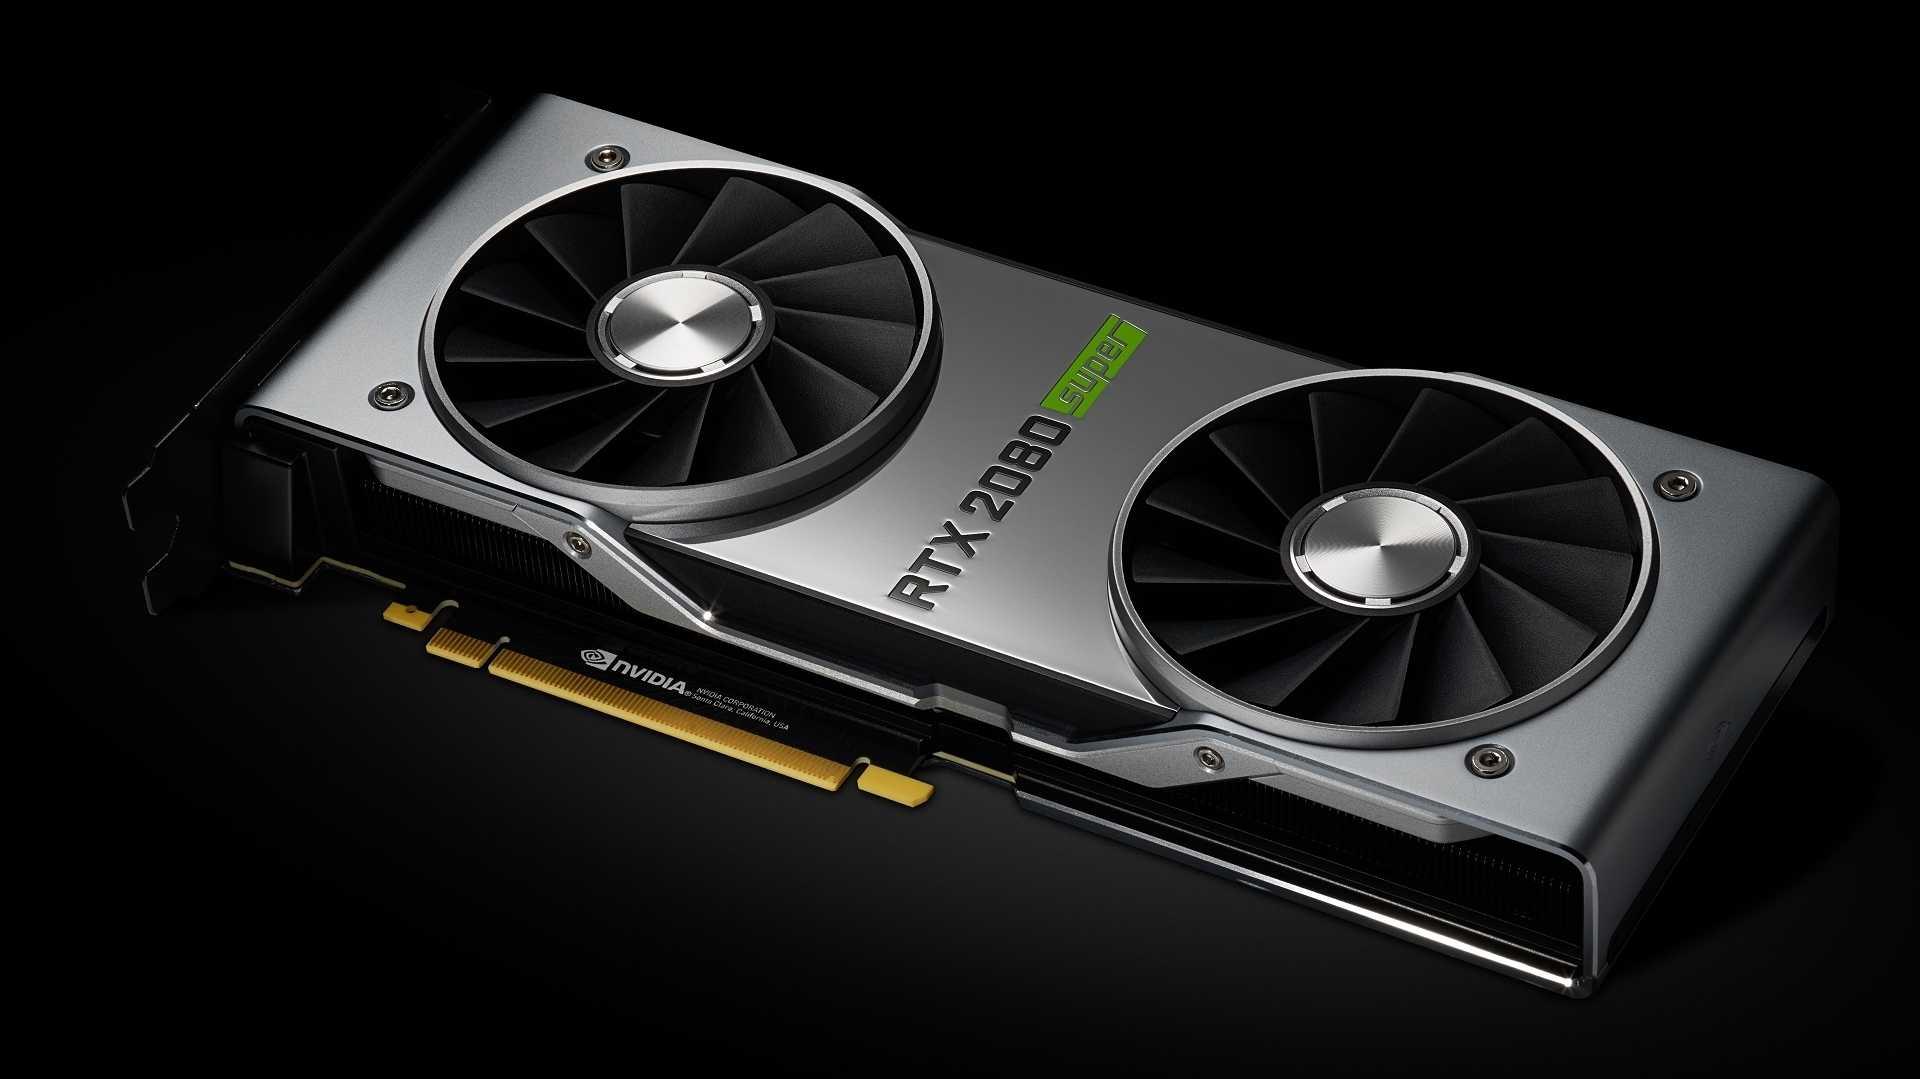 Nvidia veröffentlicht GeForce-Treiber für RTX 2080 SUPER und Wolfenstein